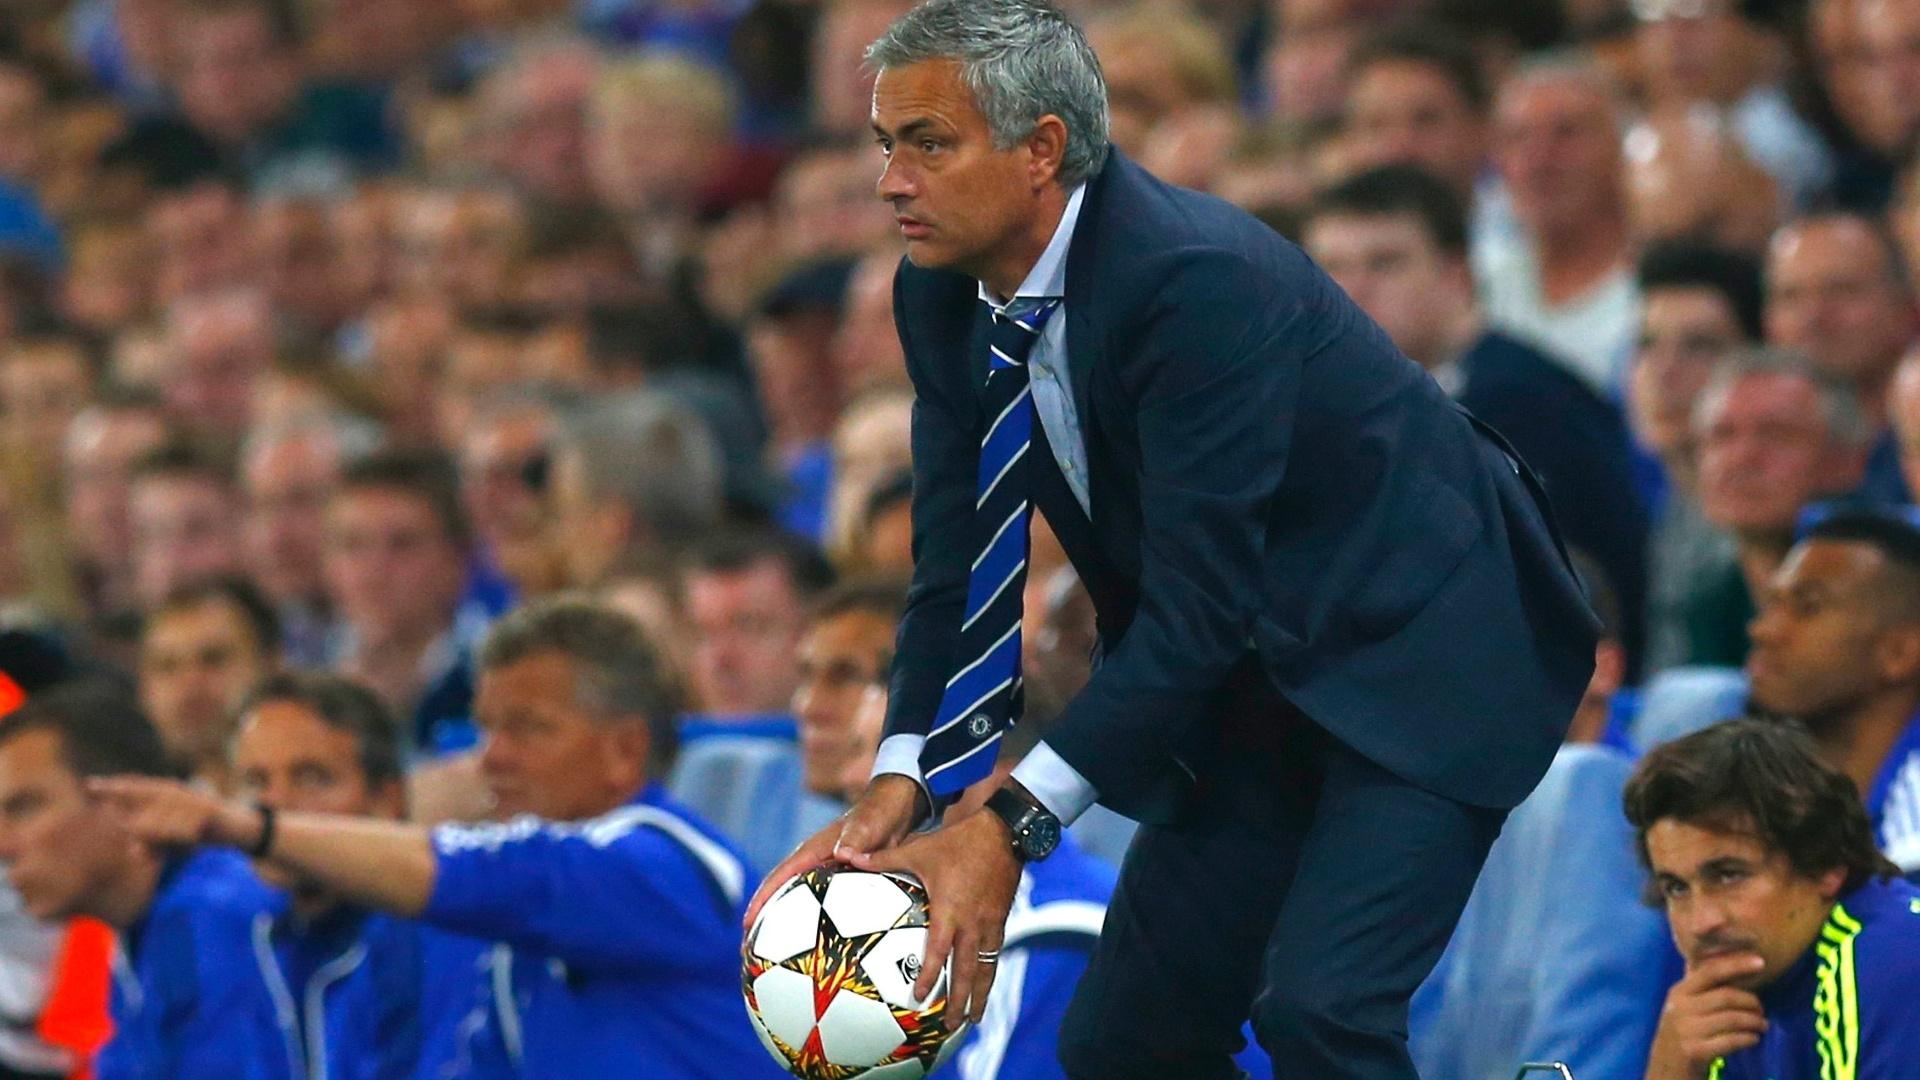 José Mourinho fica com a bola durante jogo do Chelsea contra o Schalke